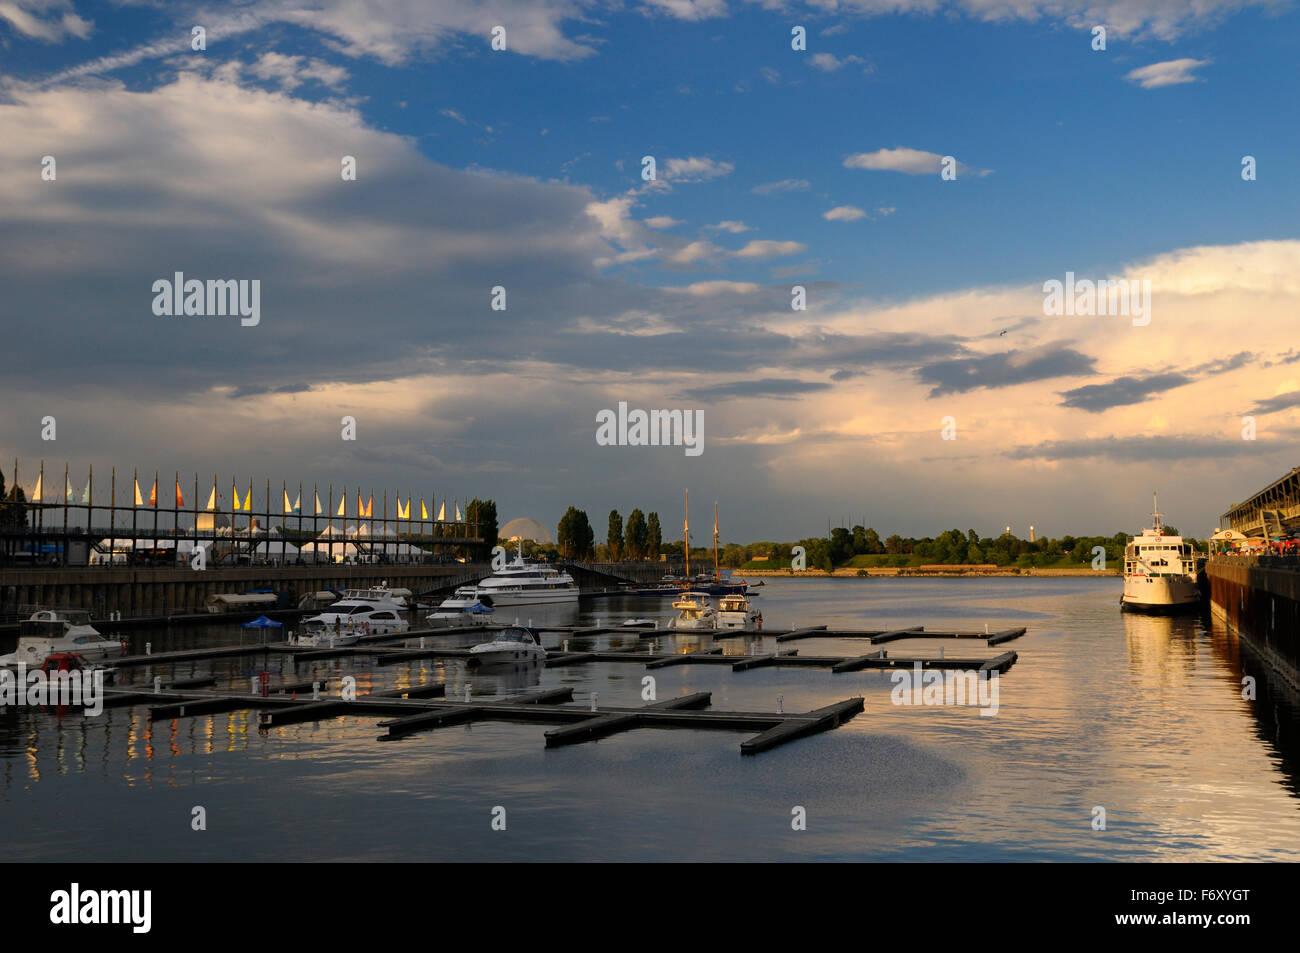 Jacques Cartier conca marina montreal canada al tramonto su una domenica sera Immagini Stock